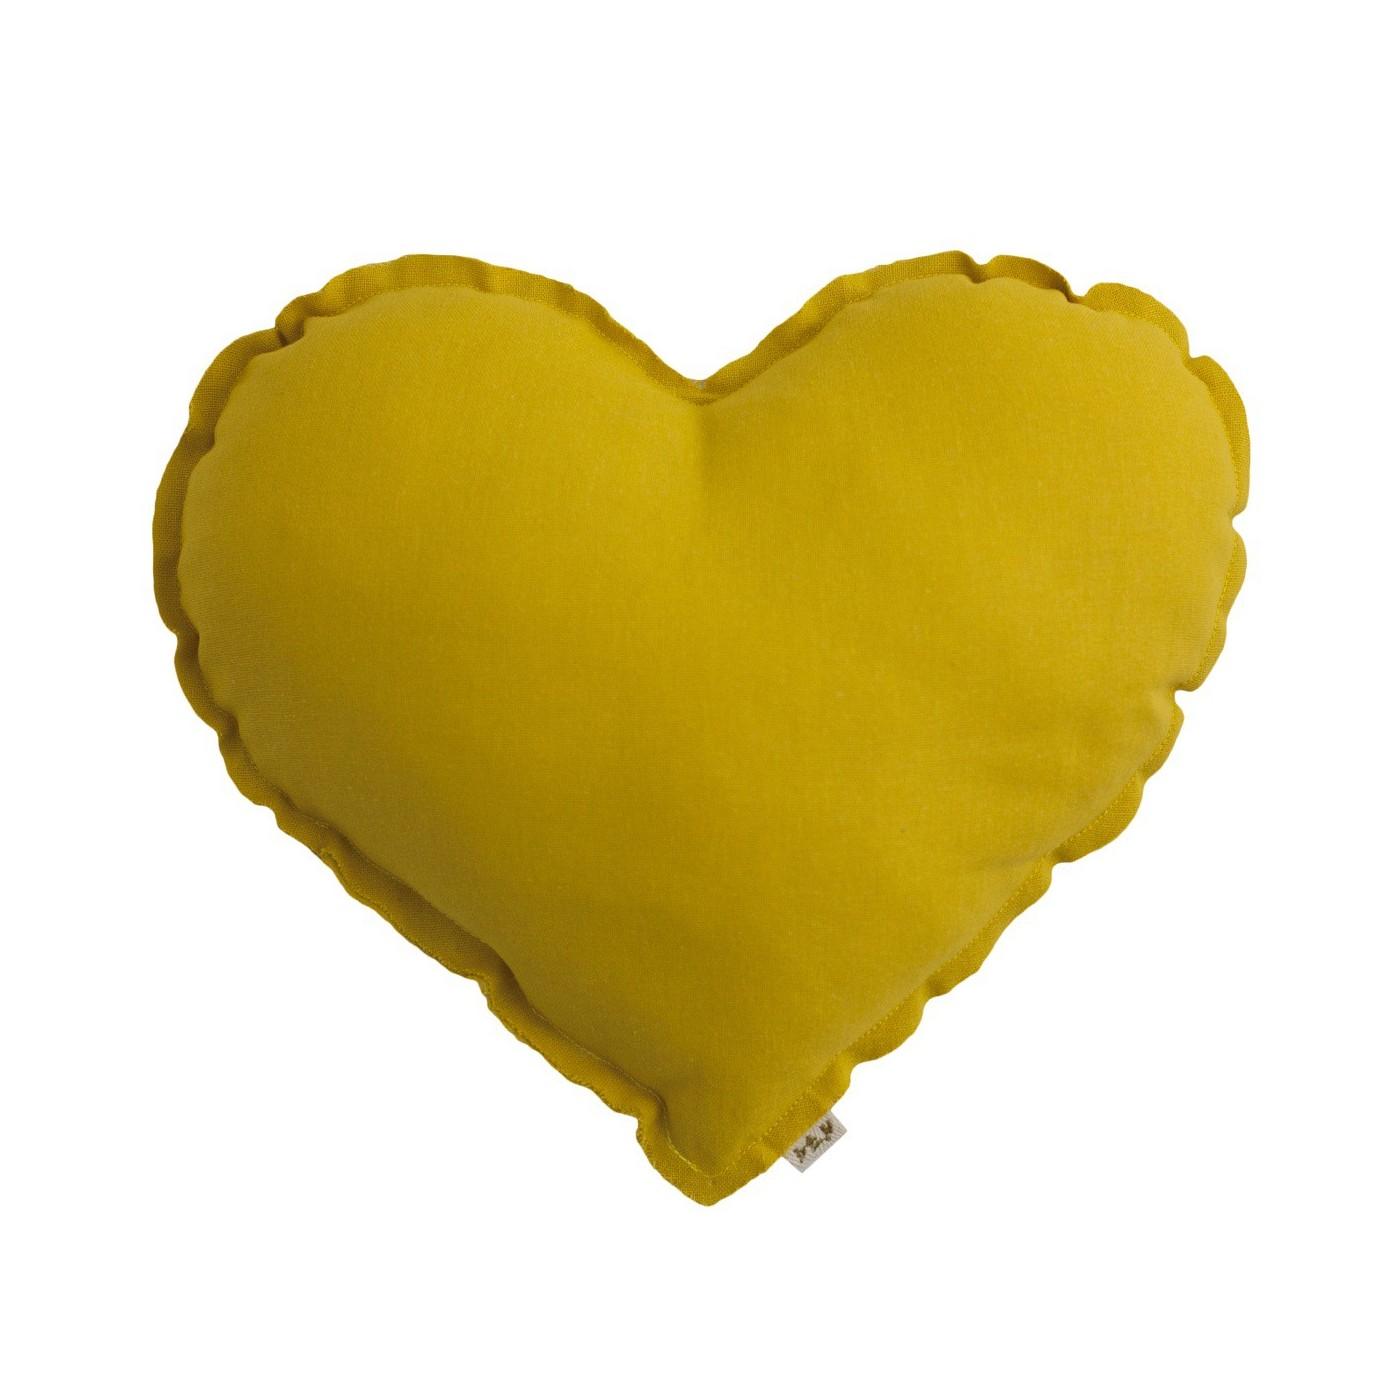 Sunflower Yellow Heart Cushion Yadayada